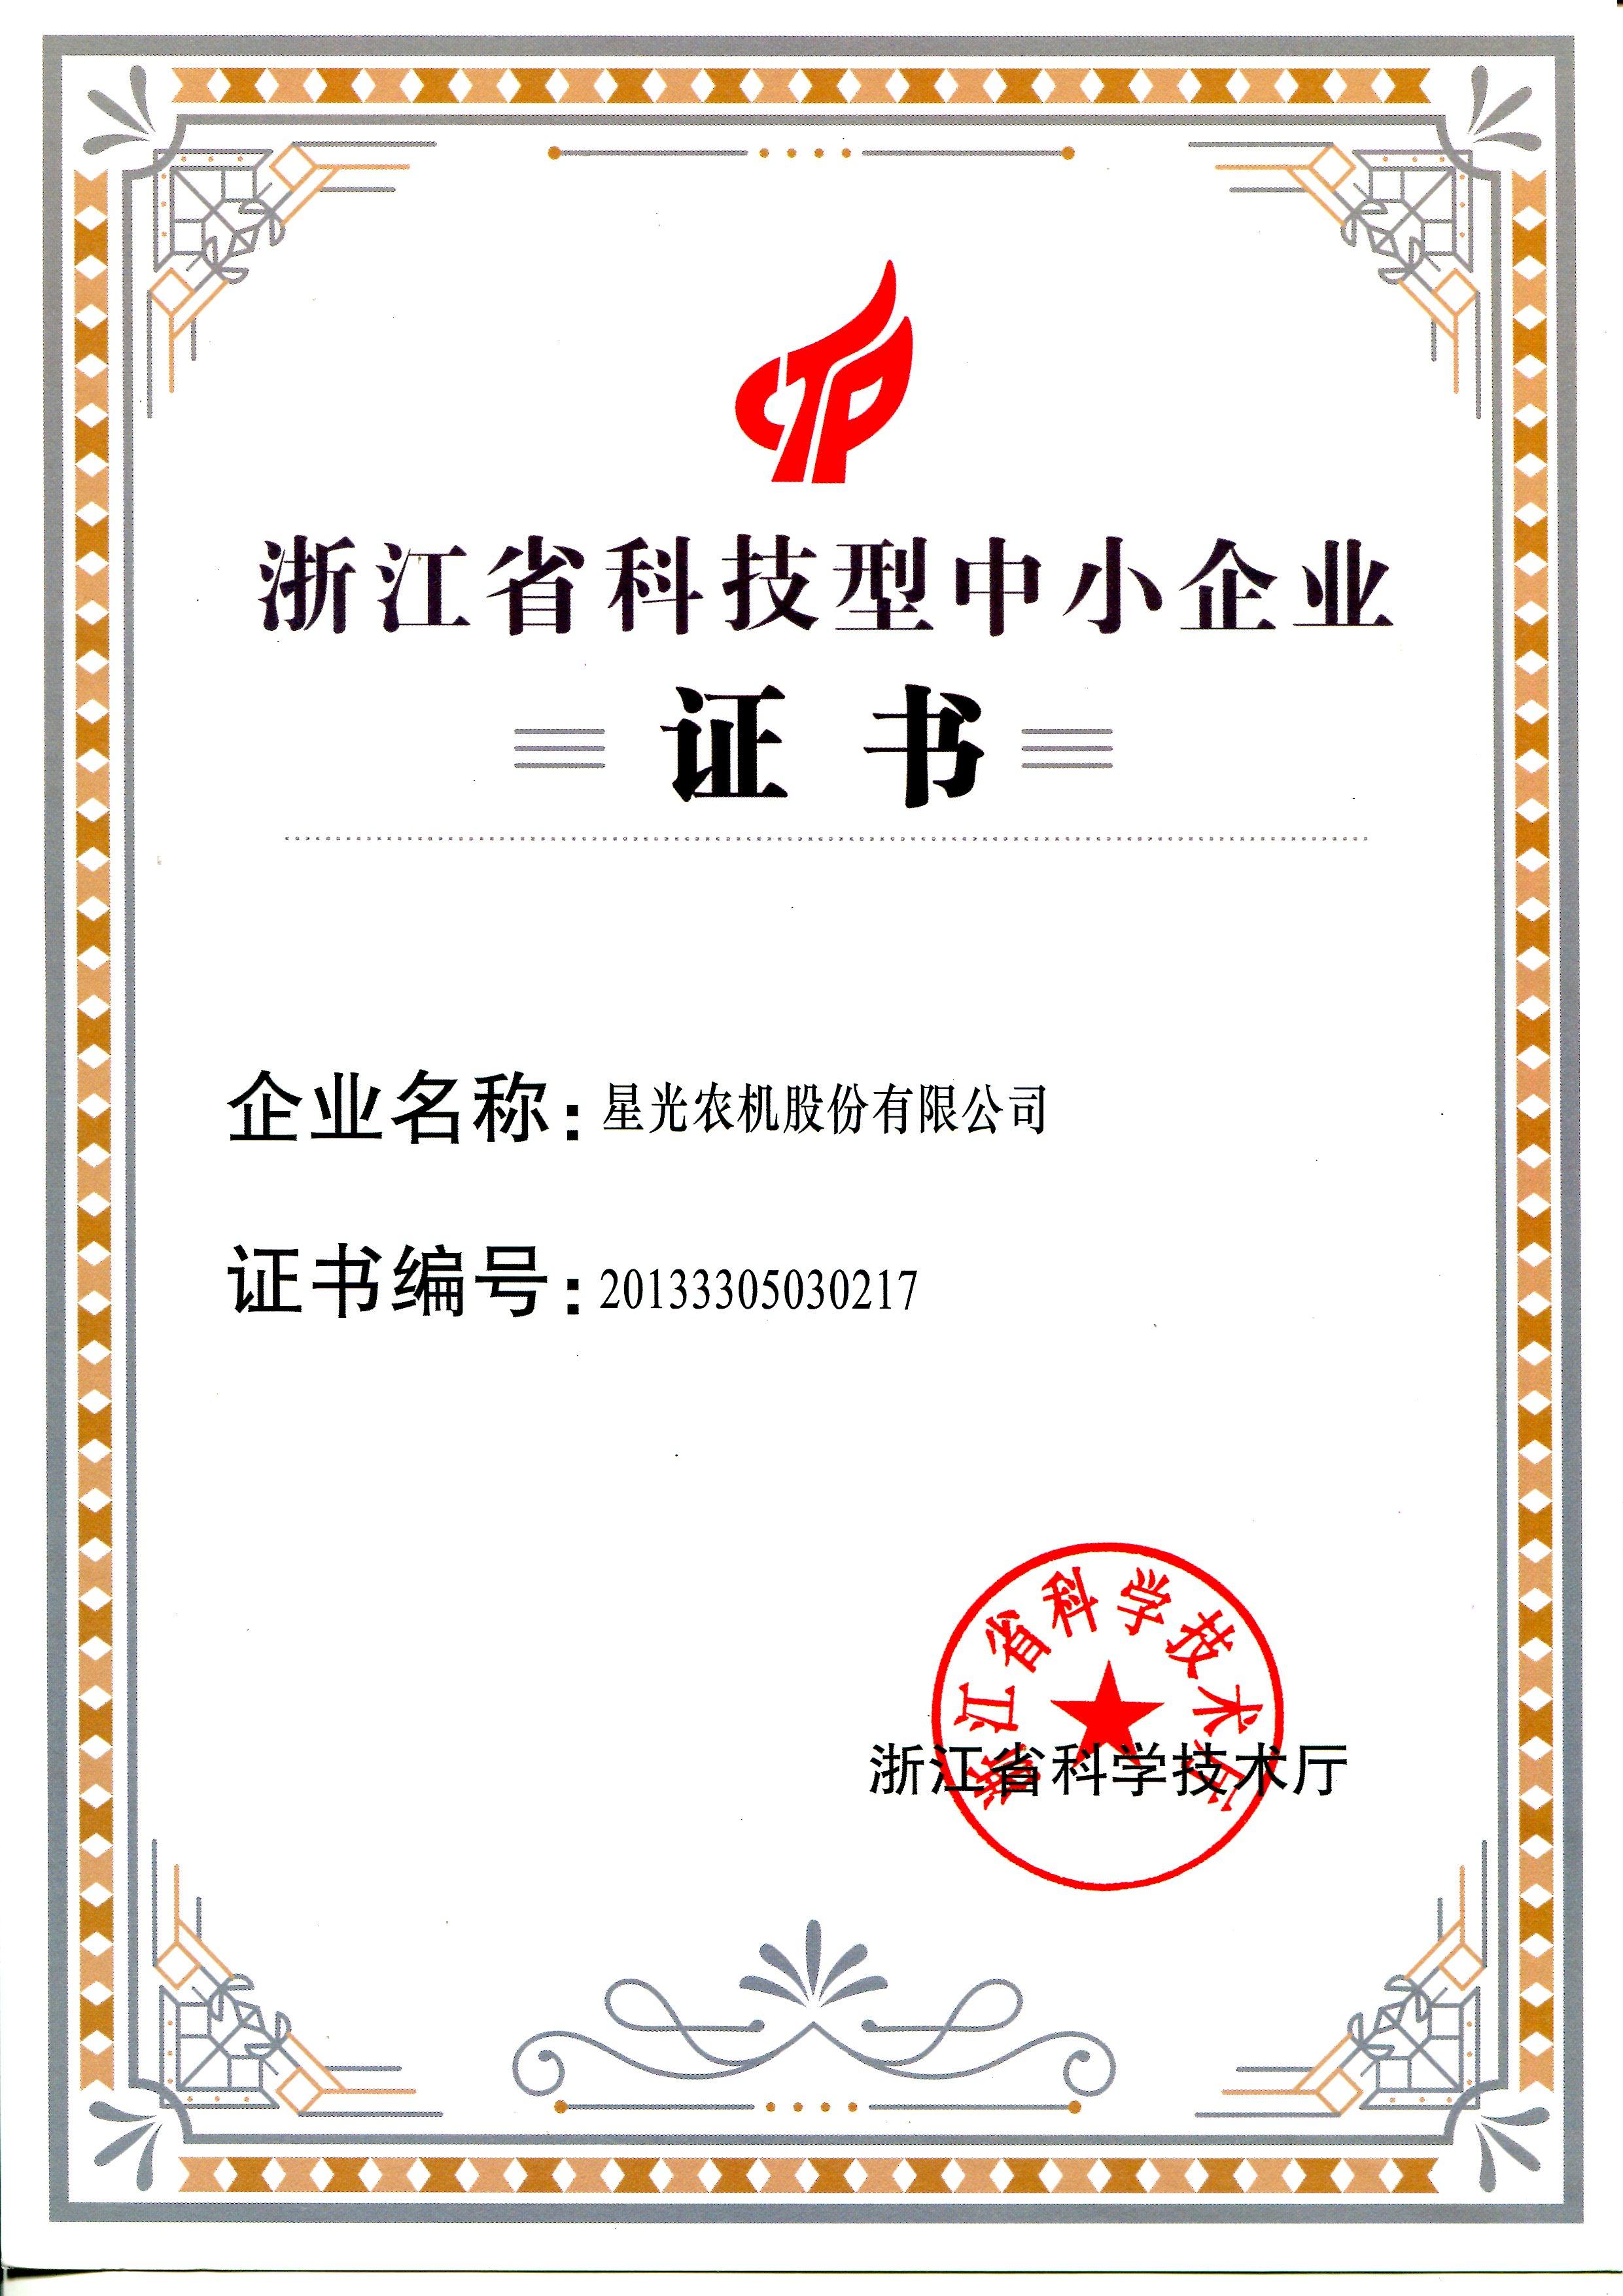 浙江省科技型中小企业证书.jpg